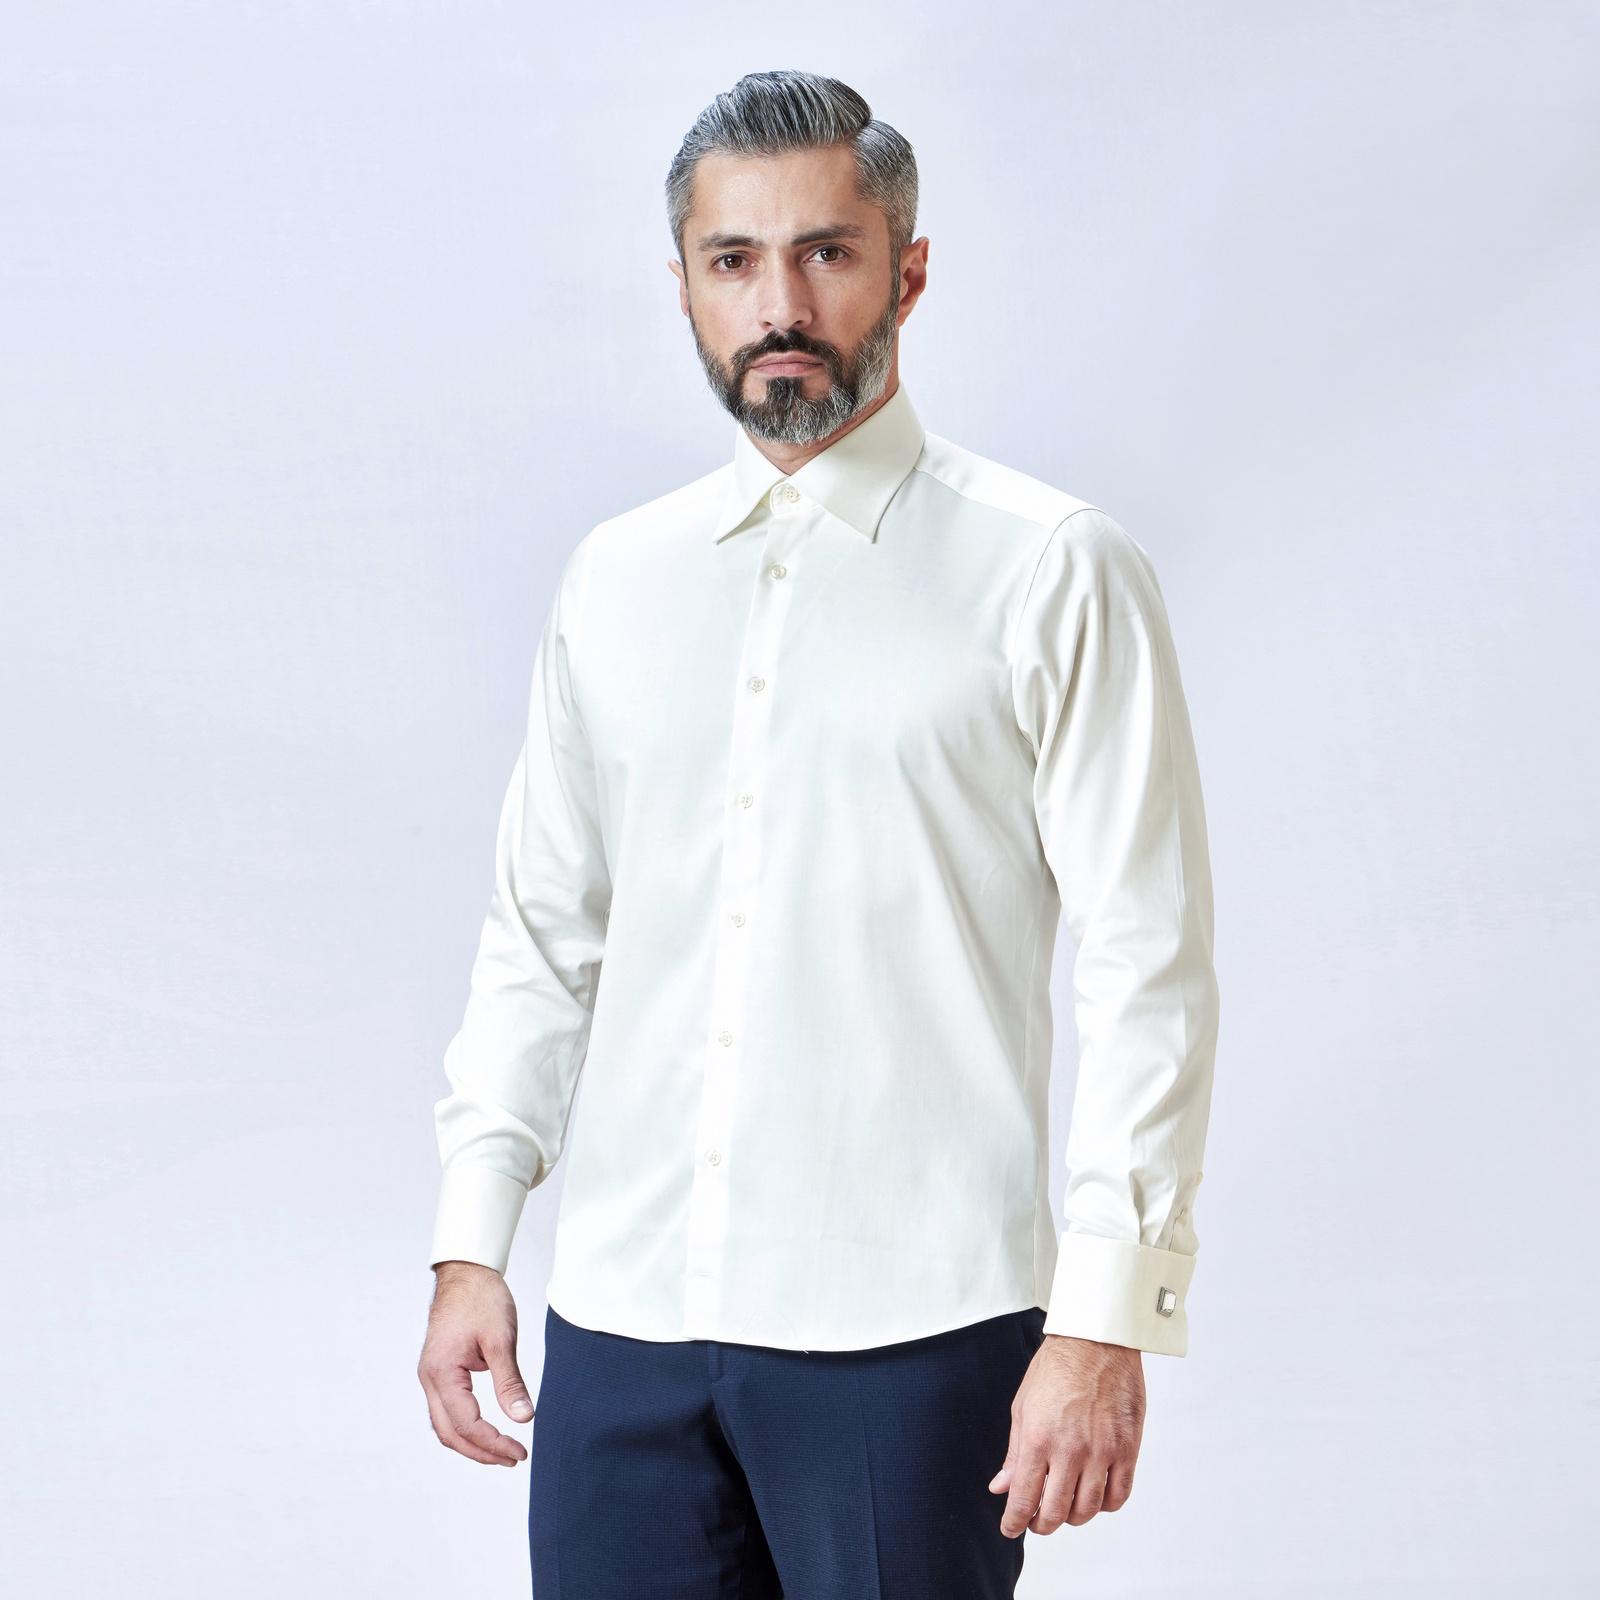 Рубашка Mario Machardi SFELZ401 2XL/M слоновая кость, 56/58-182 размерSFELZ401Мужская приталенная рубашка для деловых мужчин с эластаном под запонку